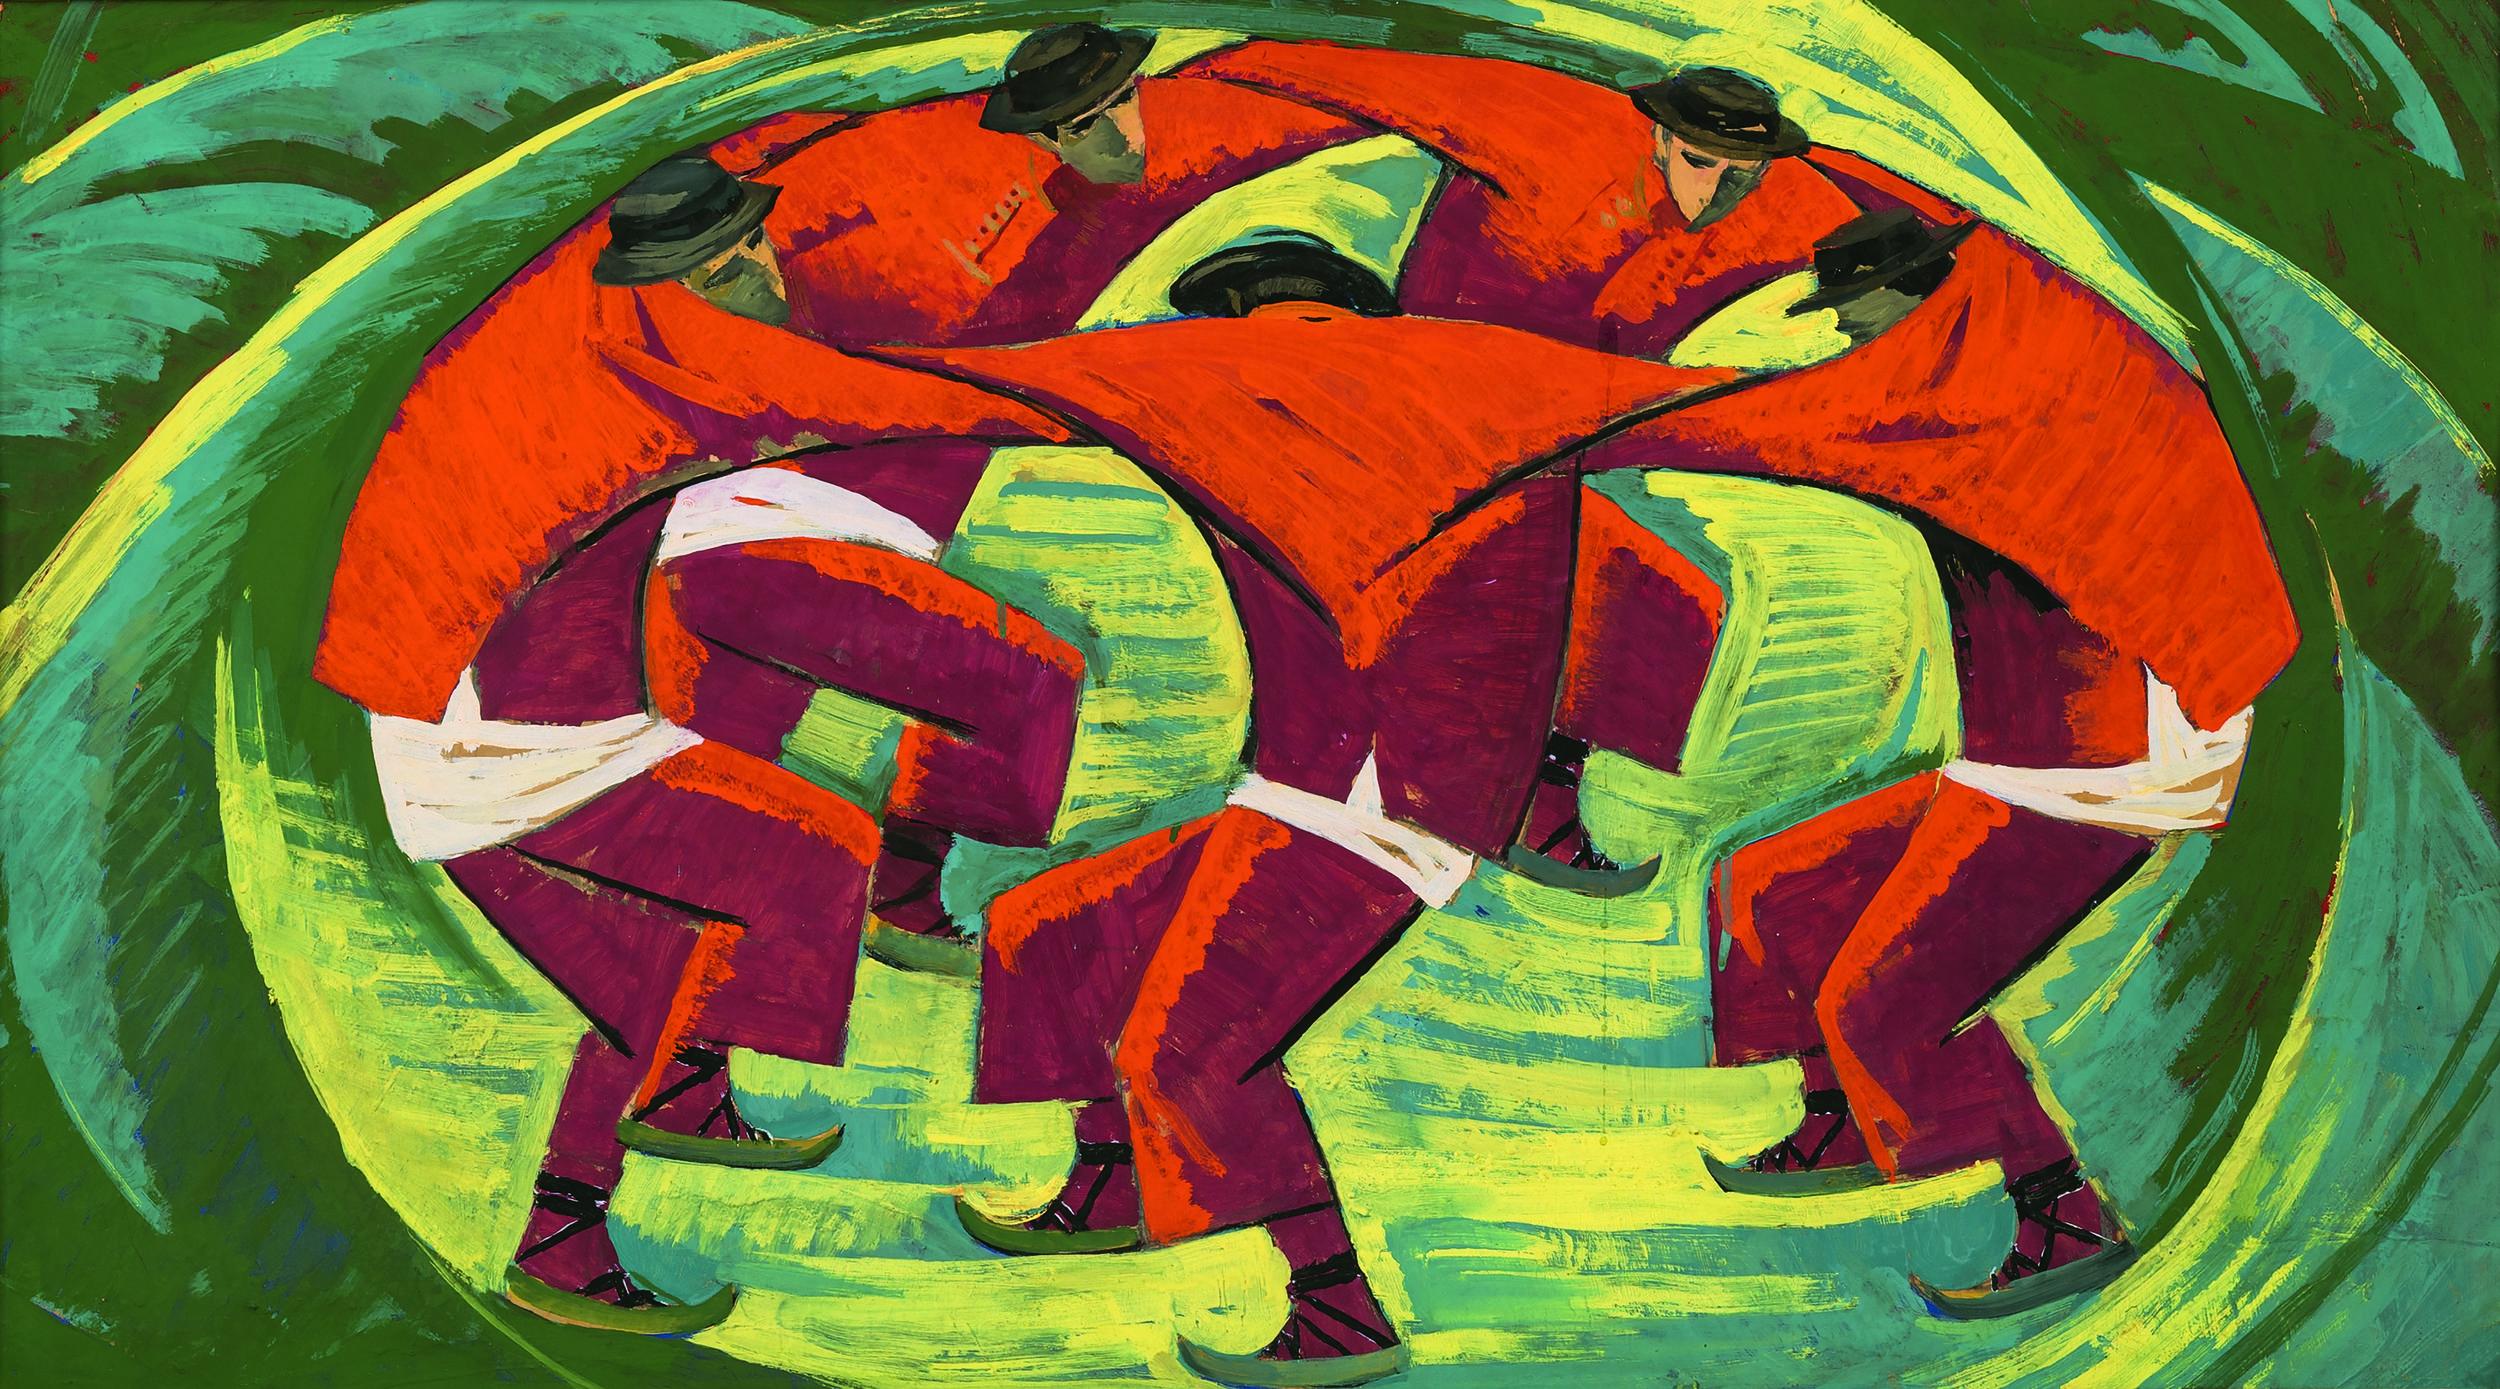 Веніамін Кушнір. Ескіз до картини «Аркан». 1960-ті рр. Приватне зібрання, Київ